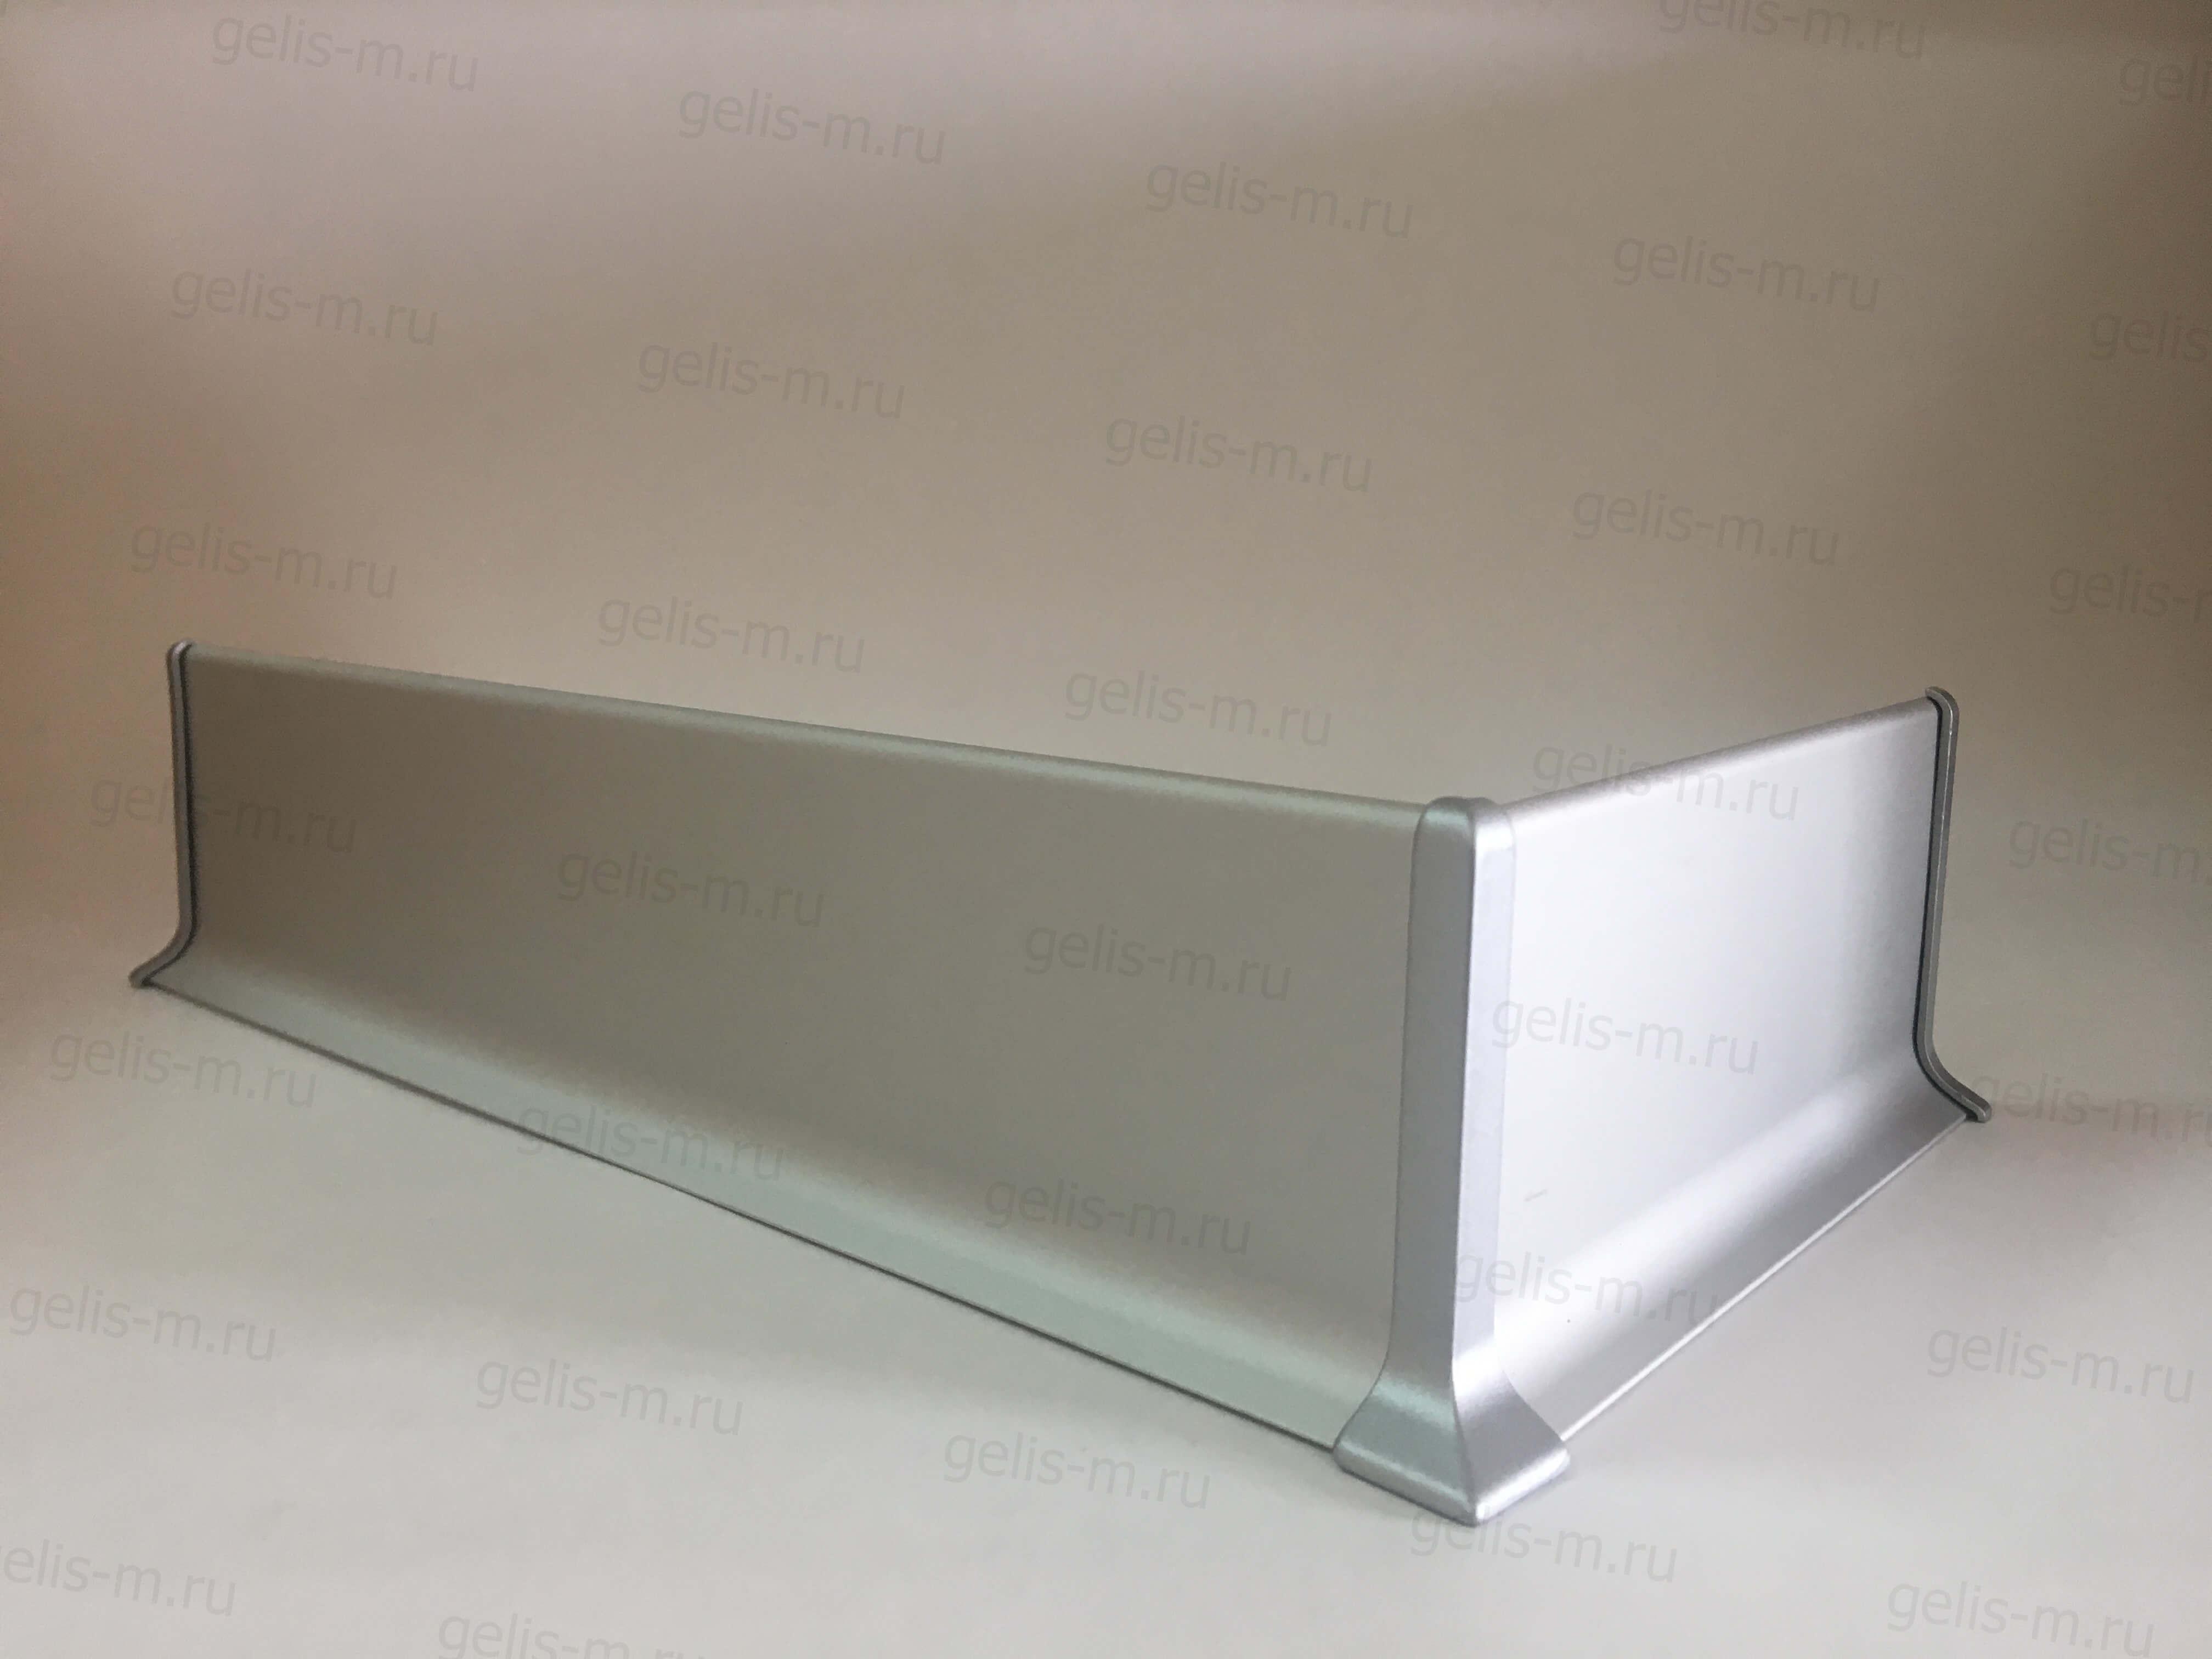 плоский алюминиевый плинтус с алюминиевыми углами